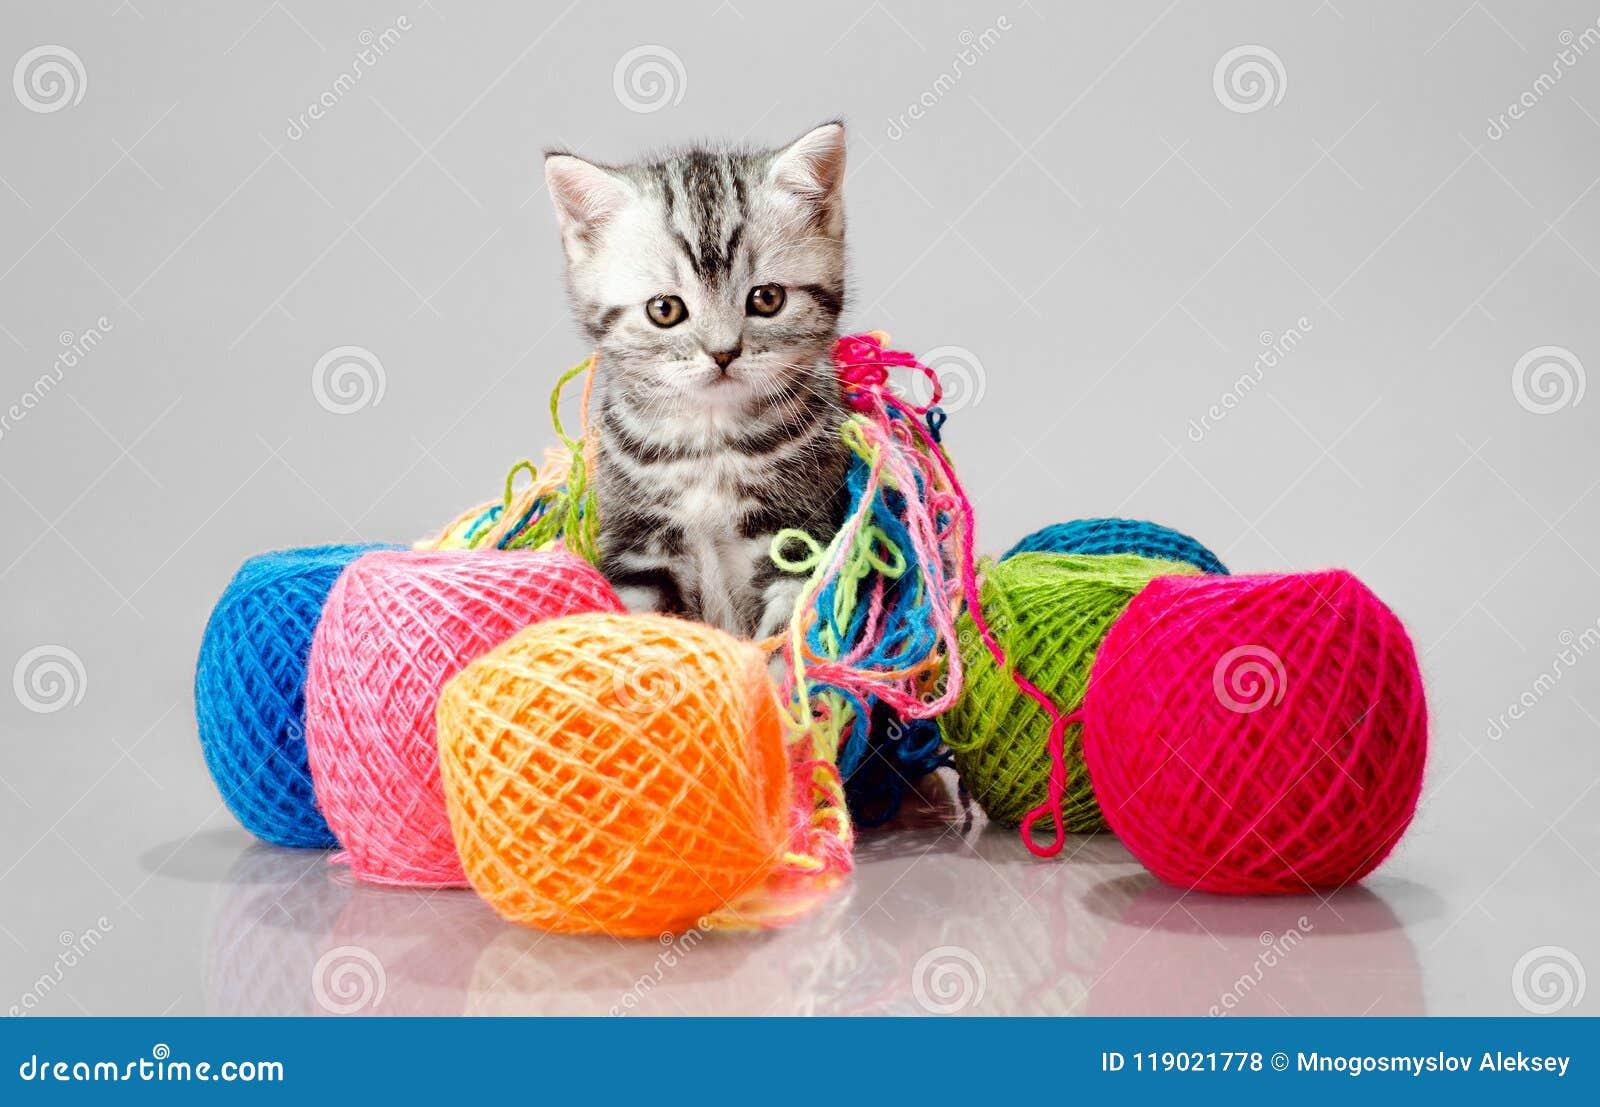 Маленький котенок с много пестротканый клубок